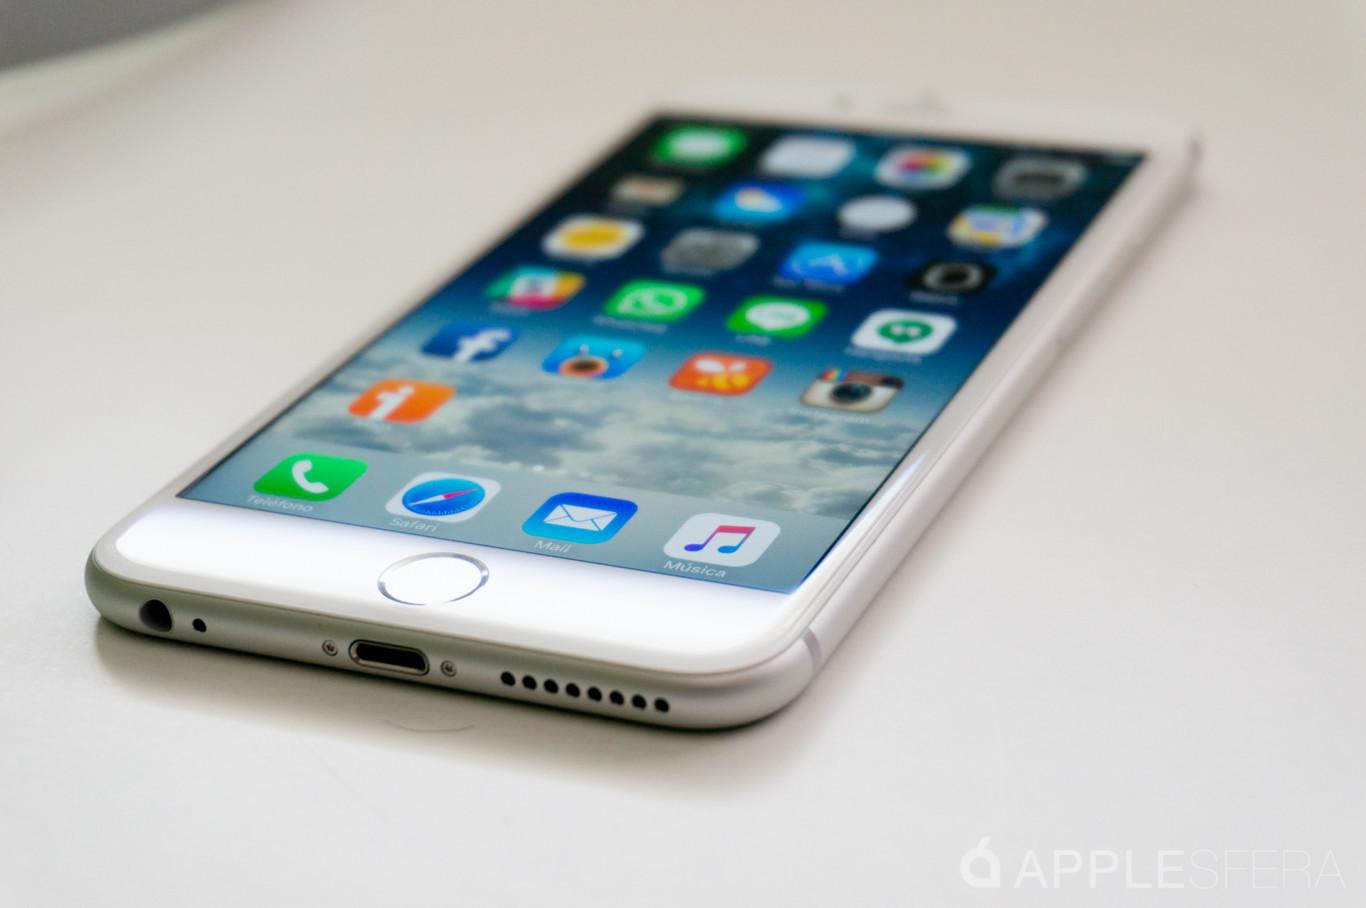 Come sbloccare facilmente un iPhone 2